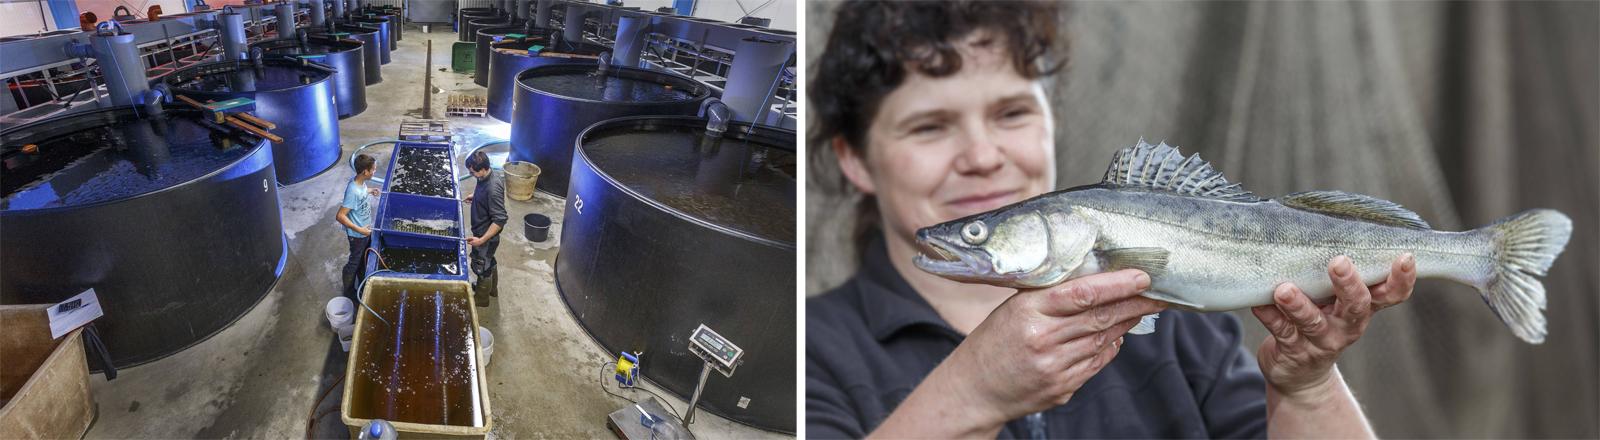 Fischzucht in Sachsen – geschlossene Aquakultur und ein ausgewachsener Zander aus der Zuchtanlange